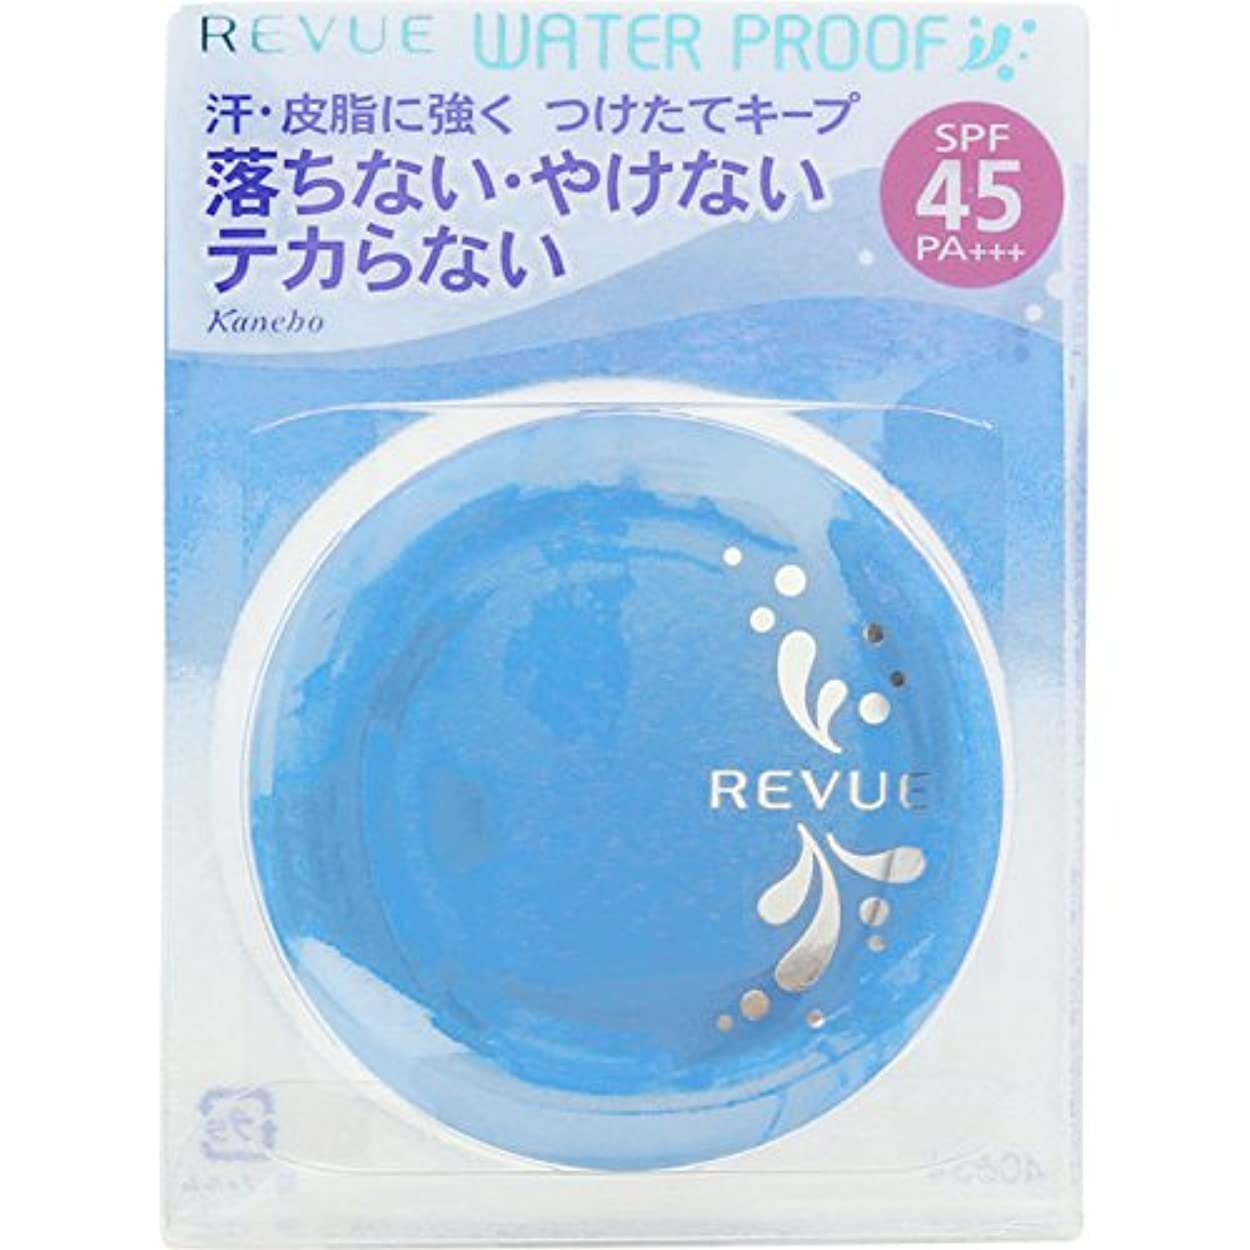 アボート洗うリングカネボウ REVUE レヴューウォータープルーフ パクトUV【ベージュD】 (SPF45?PA+++)